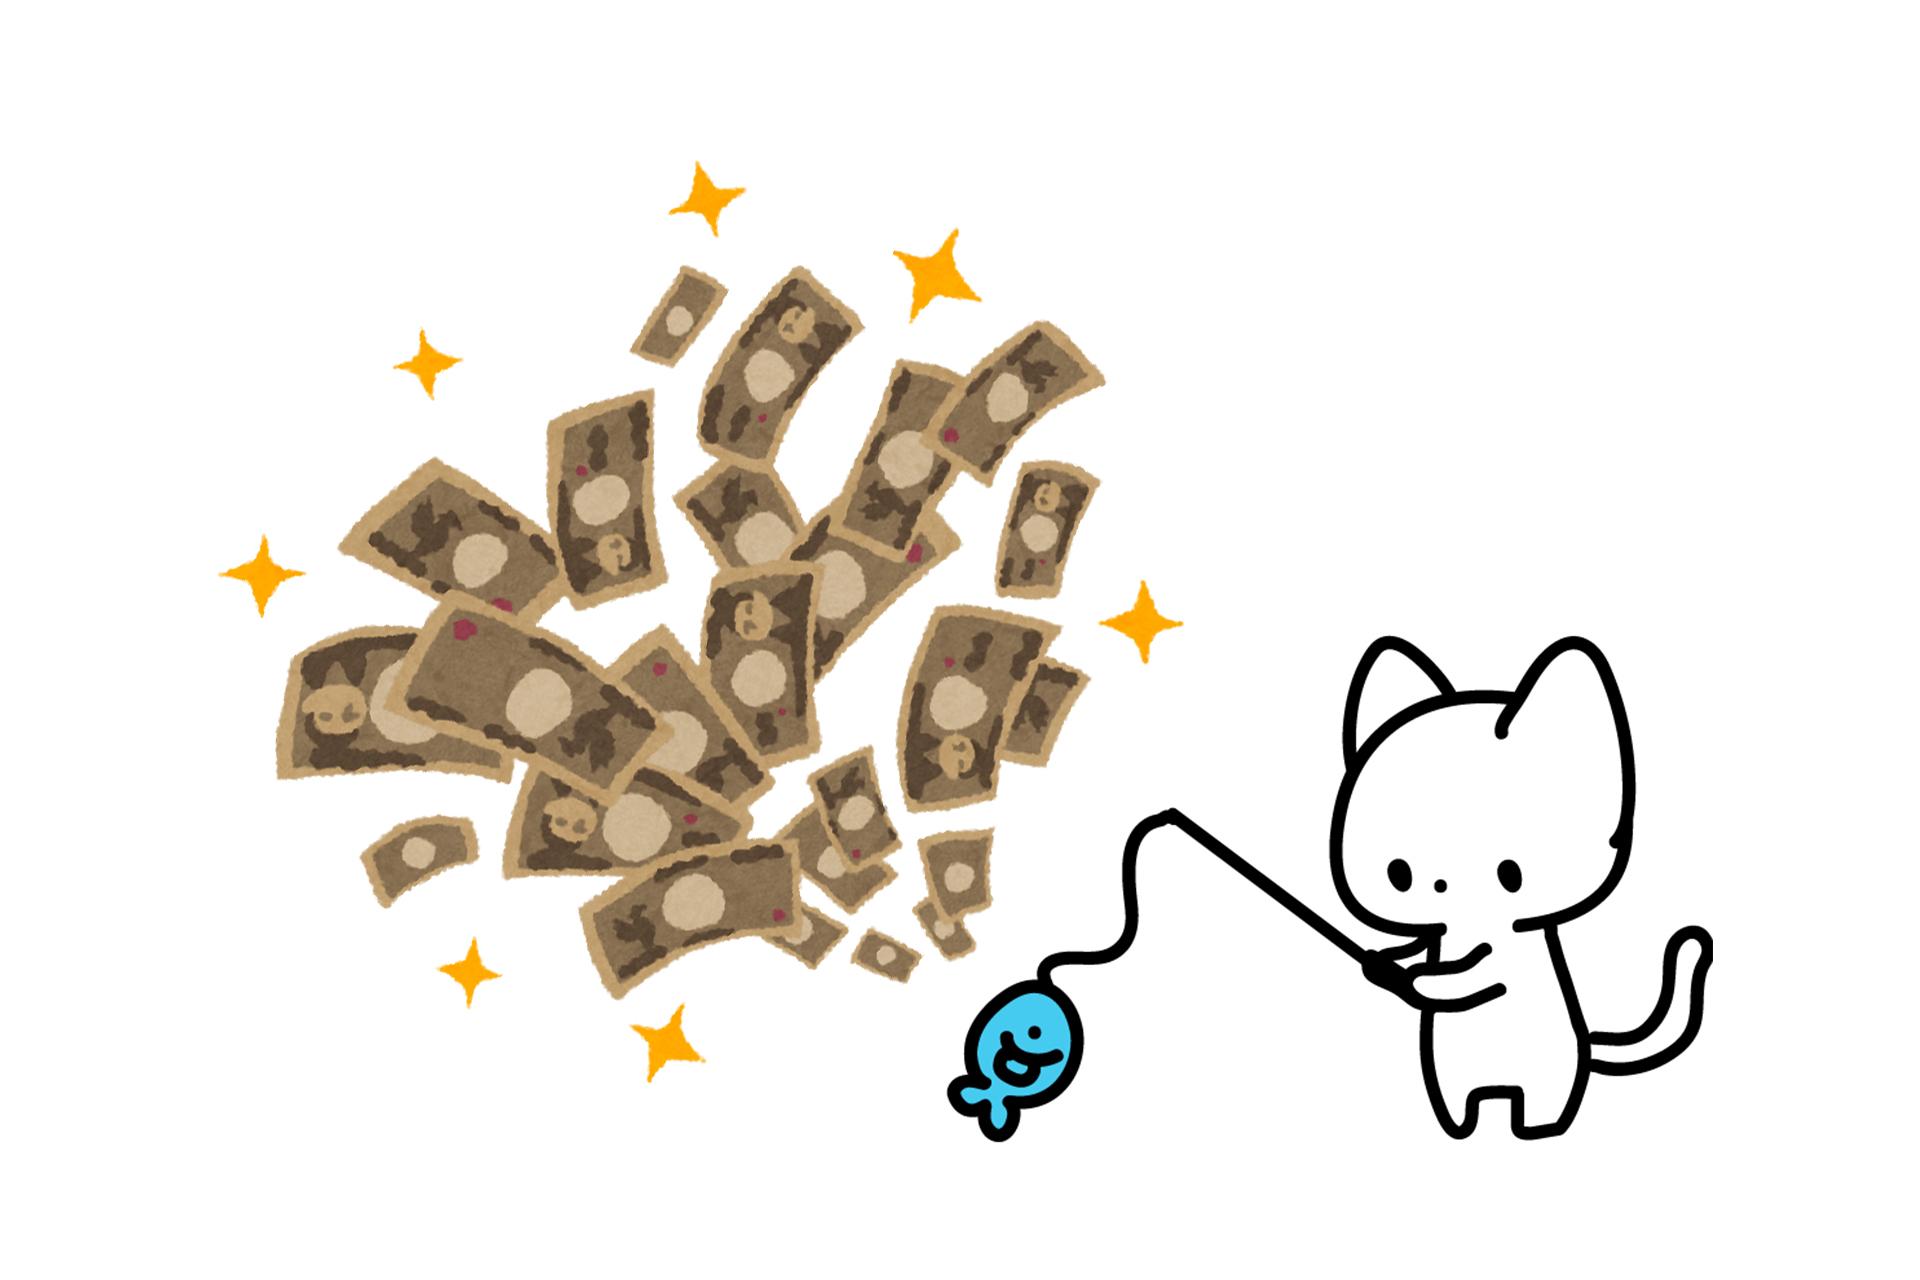 メイン画像(【不動産投資】初心者でも月10万円稼げる3つの理由)